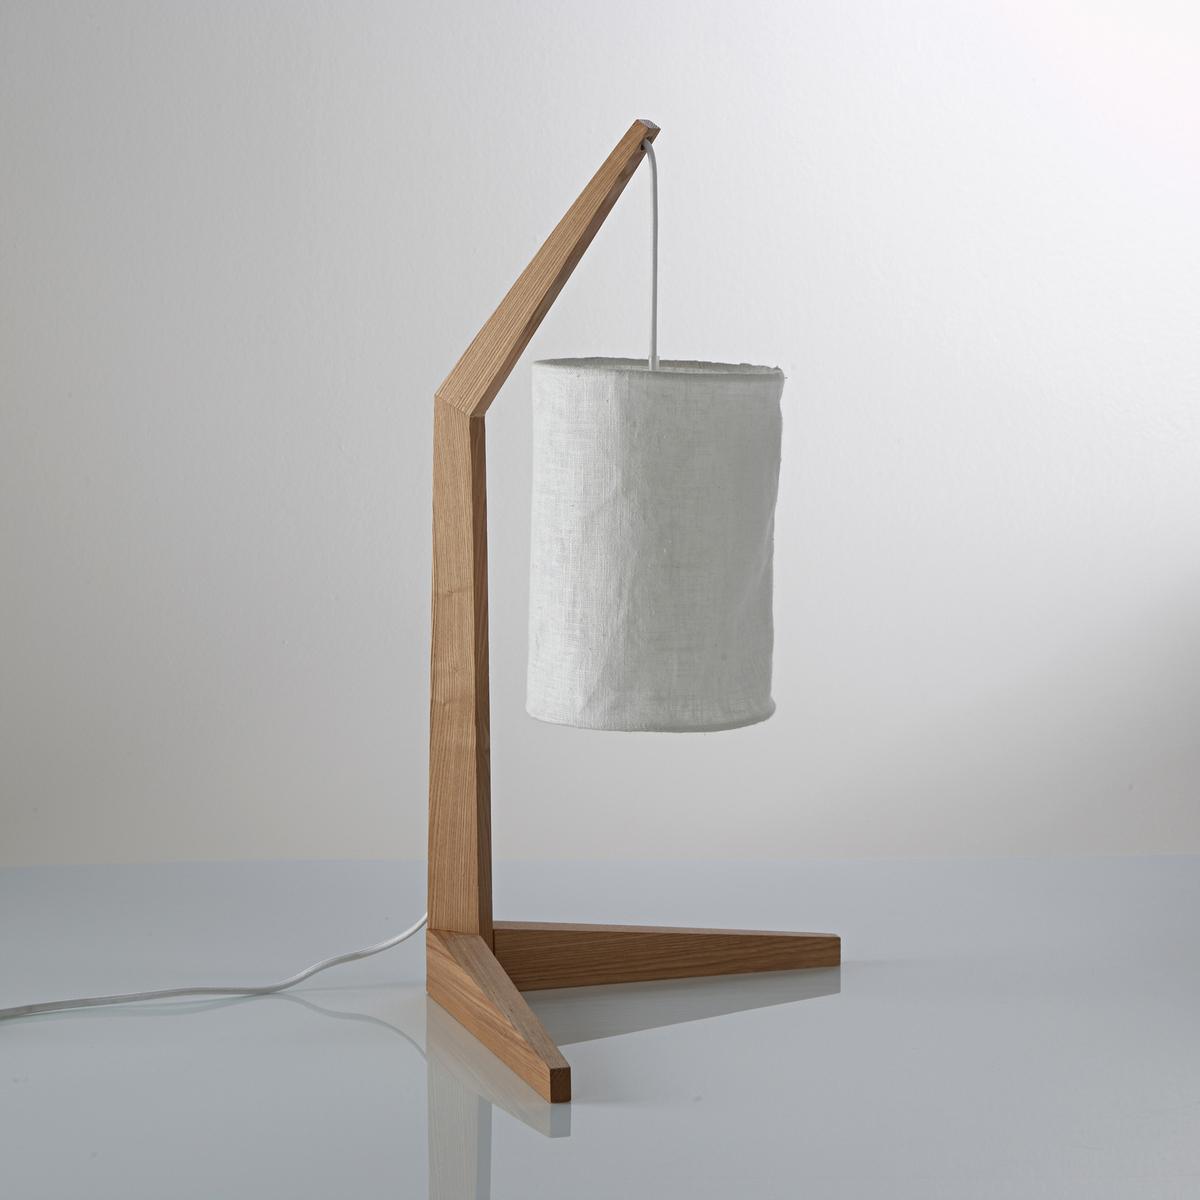 Лампа SettoЛампа, Setto. Оригинальный дизайн с необычной формой, низ из дерева ясеня и металла, на краю которого крепится абажур из льна  . Стильный и изысканный дизайн !Описание светильника  Setto  :Патрон E14 для лампочки макс 40W (не входит в комплект)  .Этот светильник совместим с лампочками    энергетического класса    : A,B,C,D ,EХарактеристики светильника  Setto  :Каркас из дерева ясеня, абажур из льняной белой ткани .Кабель из серого текстиля .Найдите нашу коллекцию светильников на сайте laredoute.ru    .Размер светильника  Setto  :Основание :Высота : 58 см  Глубина : 30 смАбажур :Высота : 22 смДиаметр: 16 см<br><br>Цвет: серо-бежевый